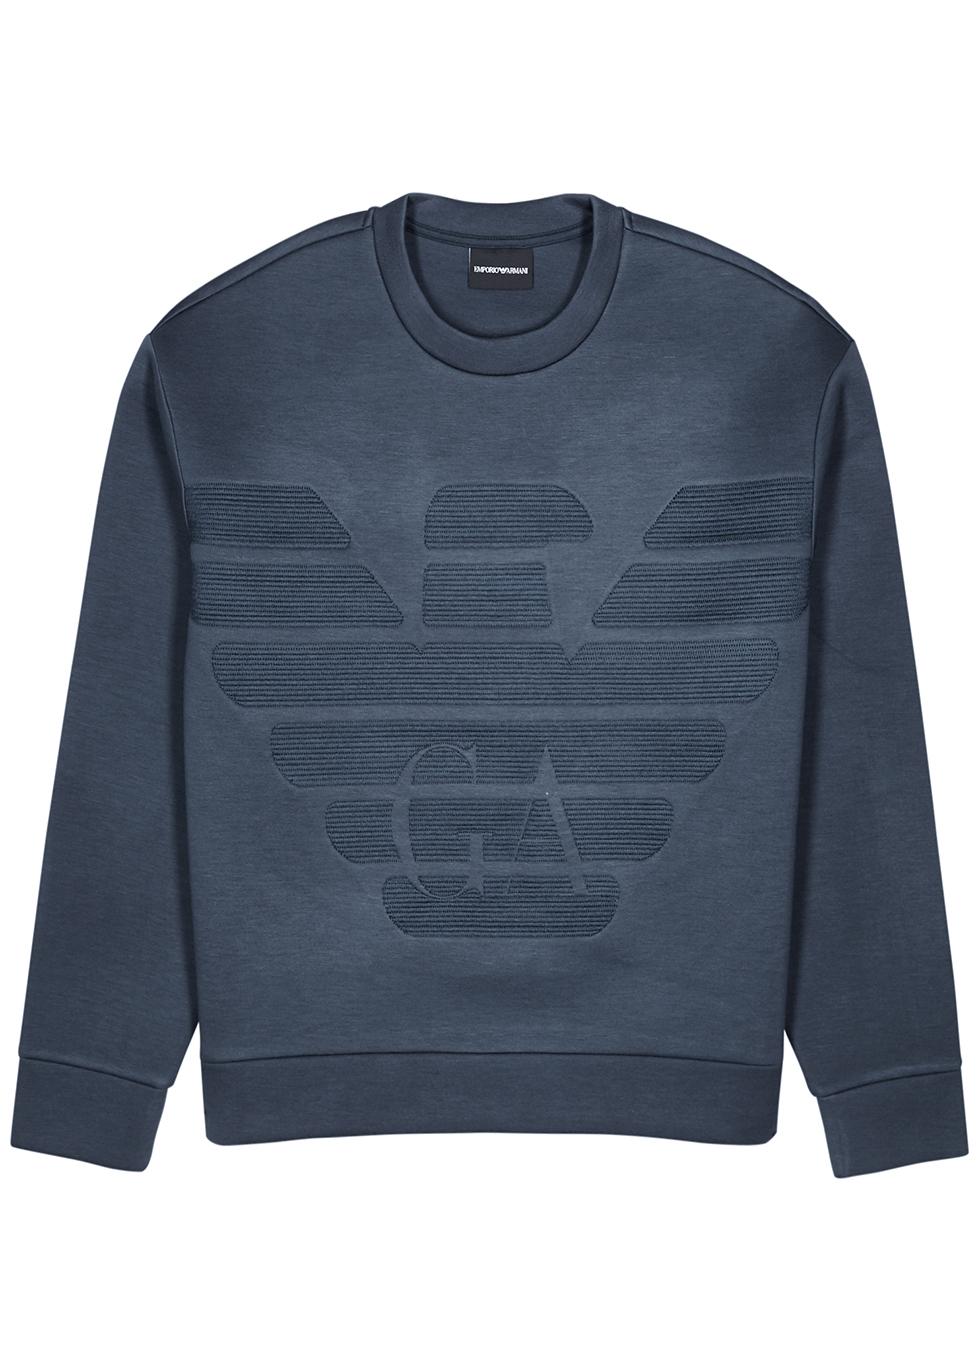 Navy logo-embroidered neoprene sweatshirt